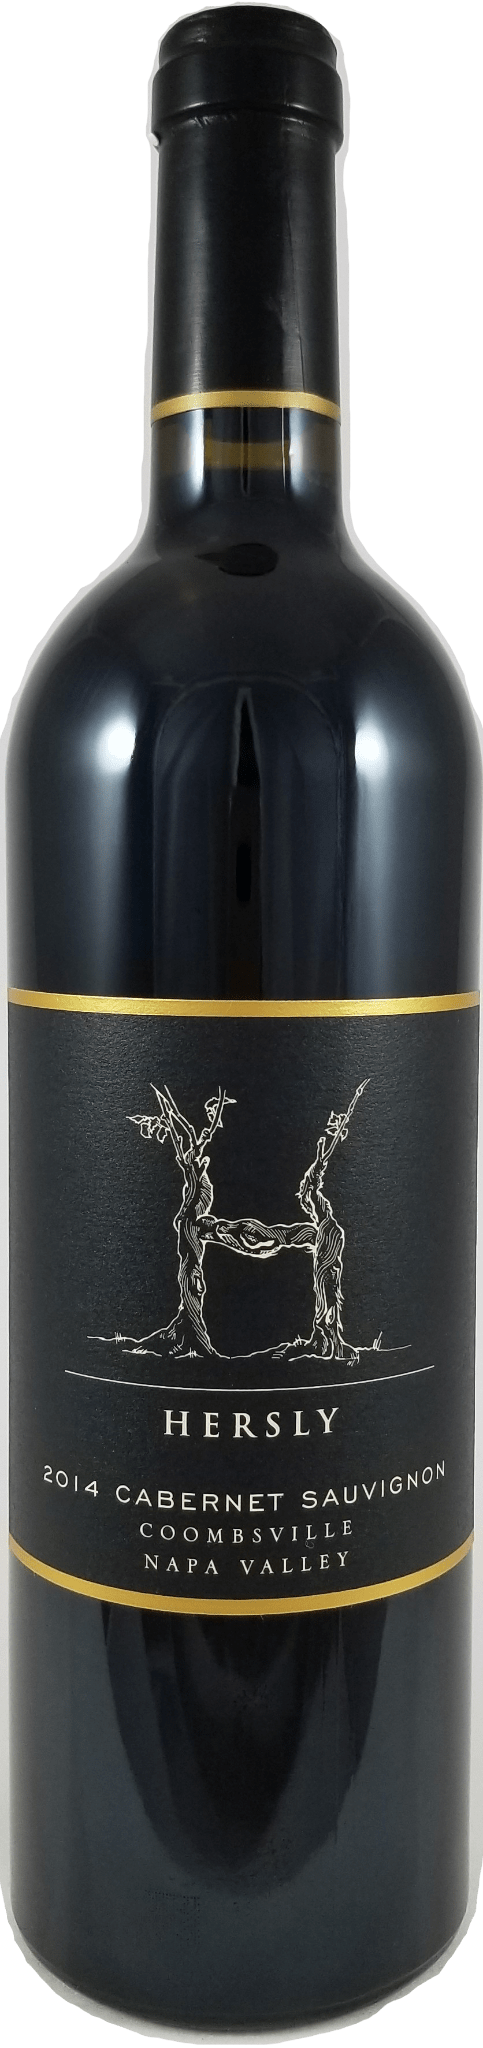 hersly-cabernet-2014-bottle1-1-1-1